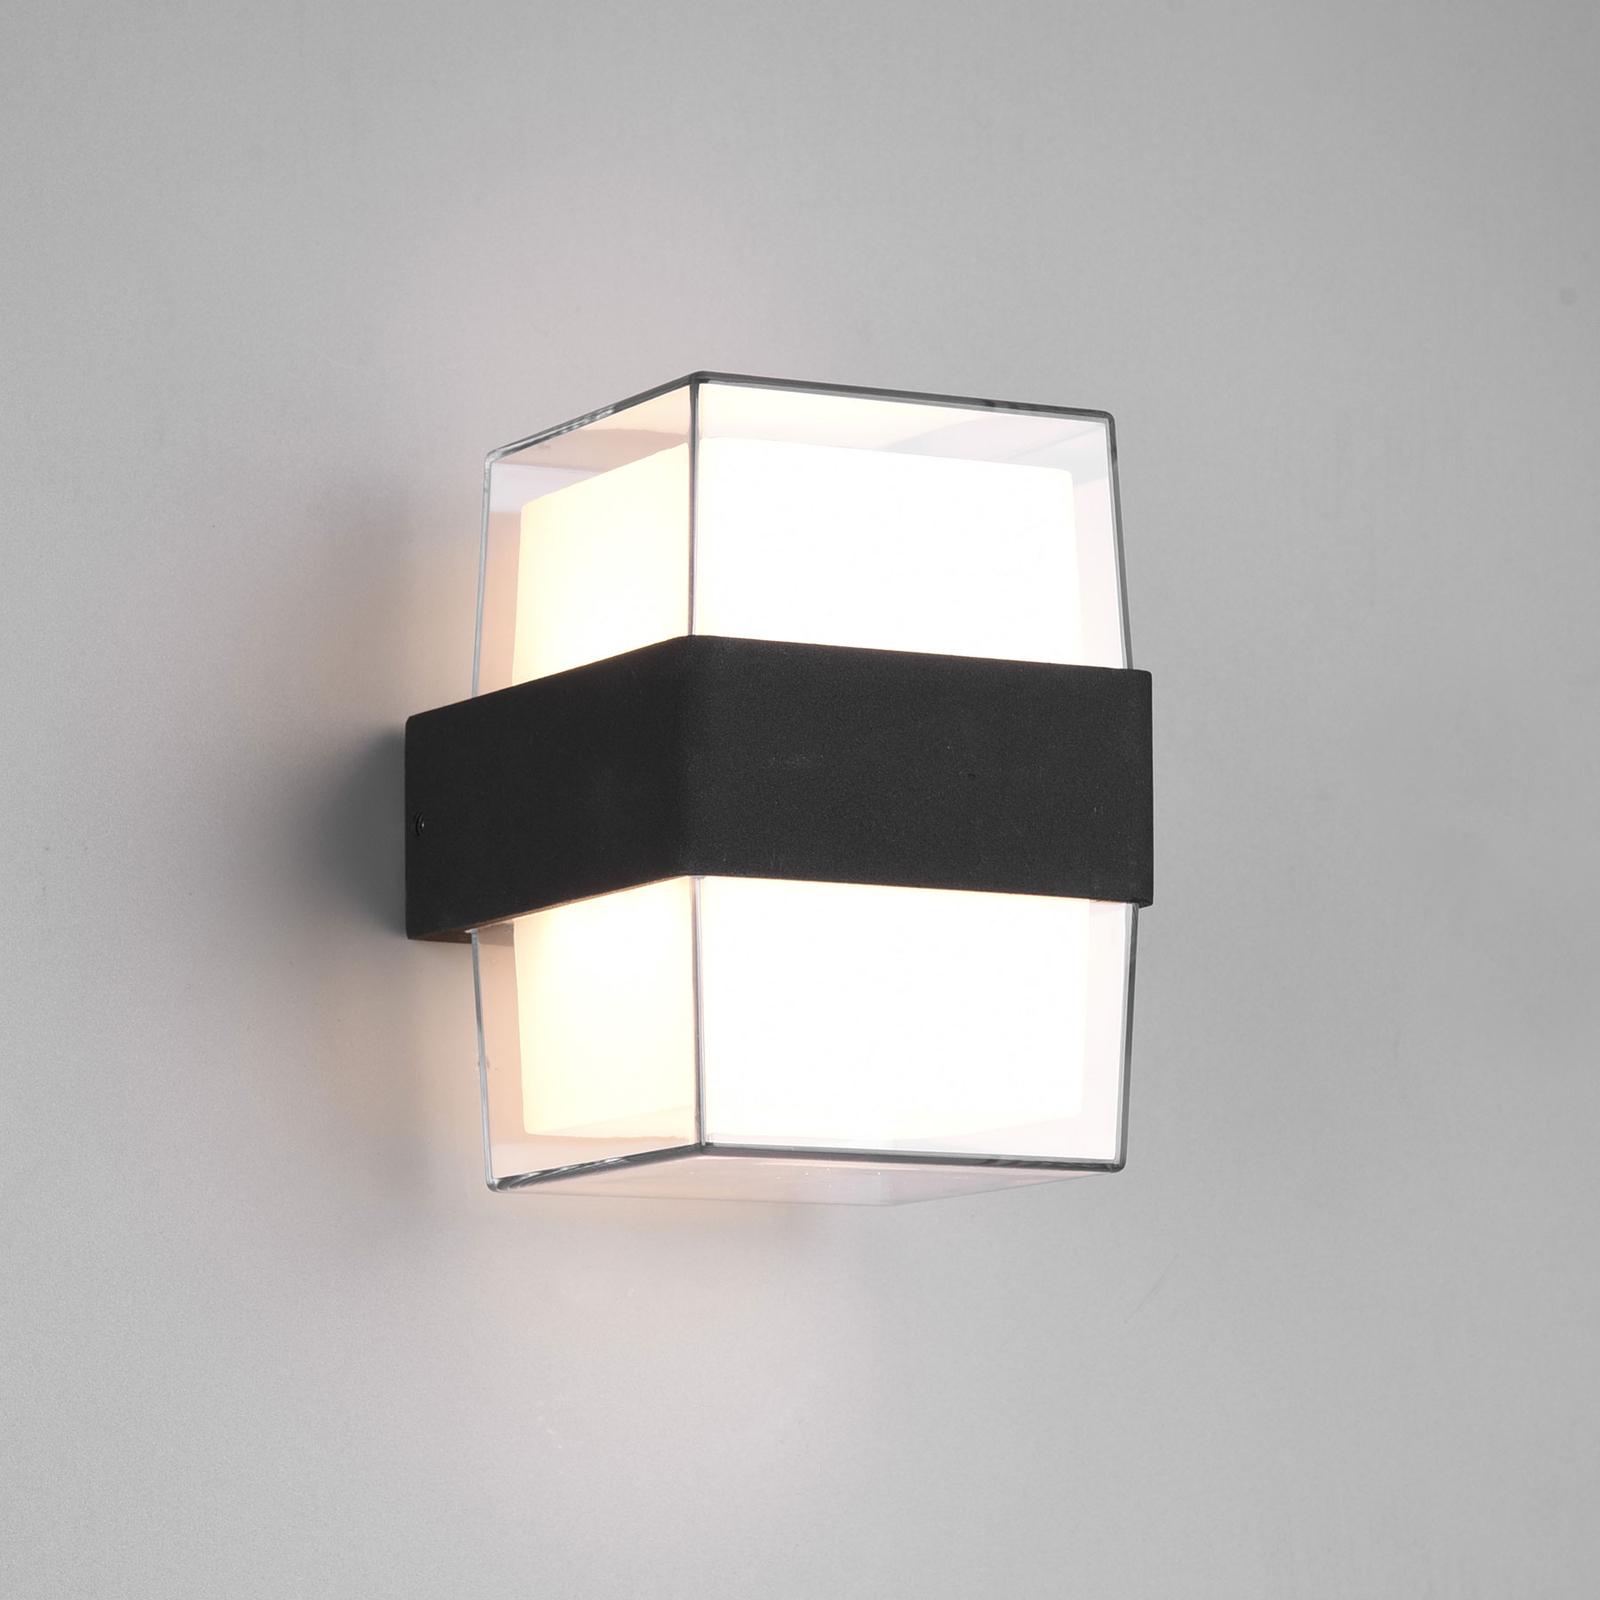 LED-Außenwandleuchte Molina, eckig, anthrazit